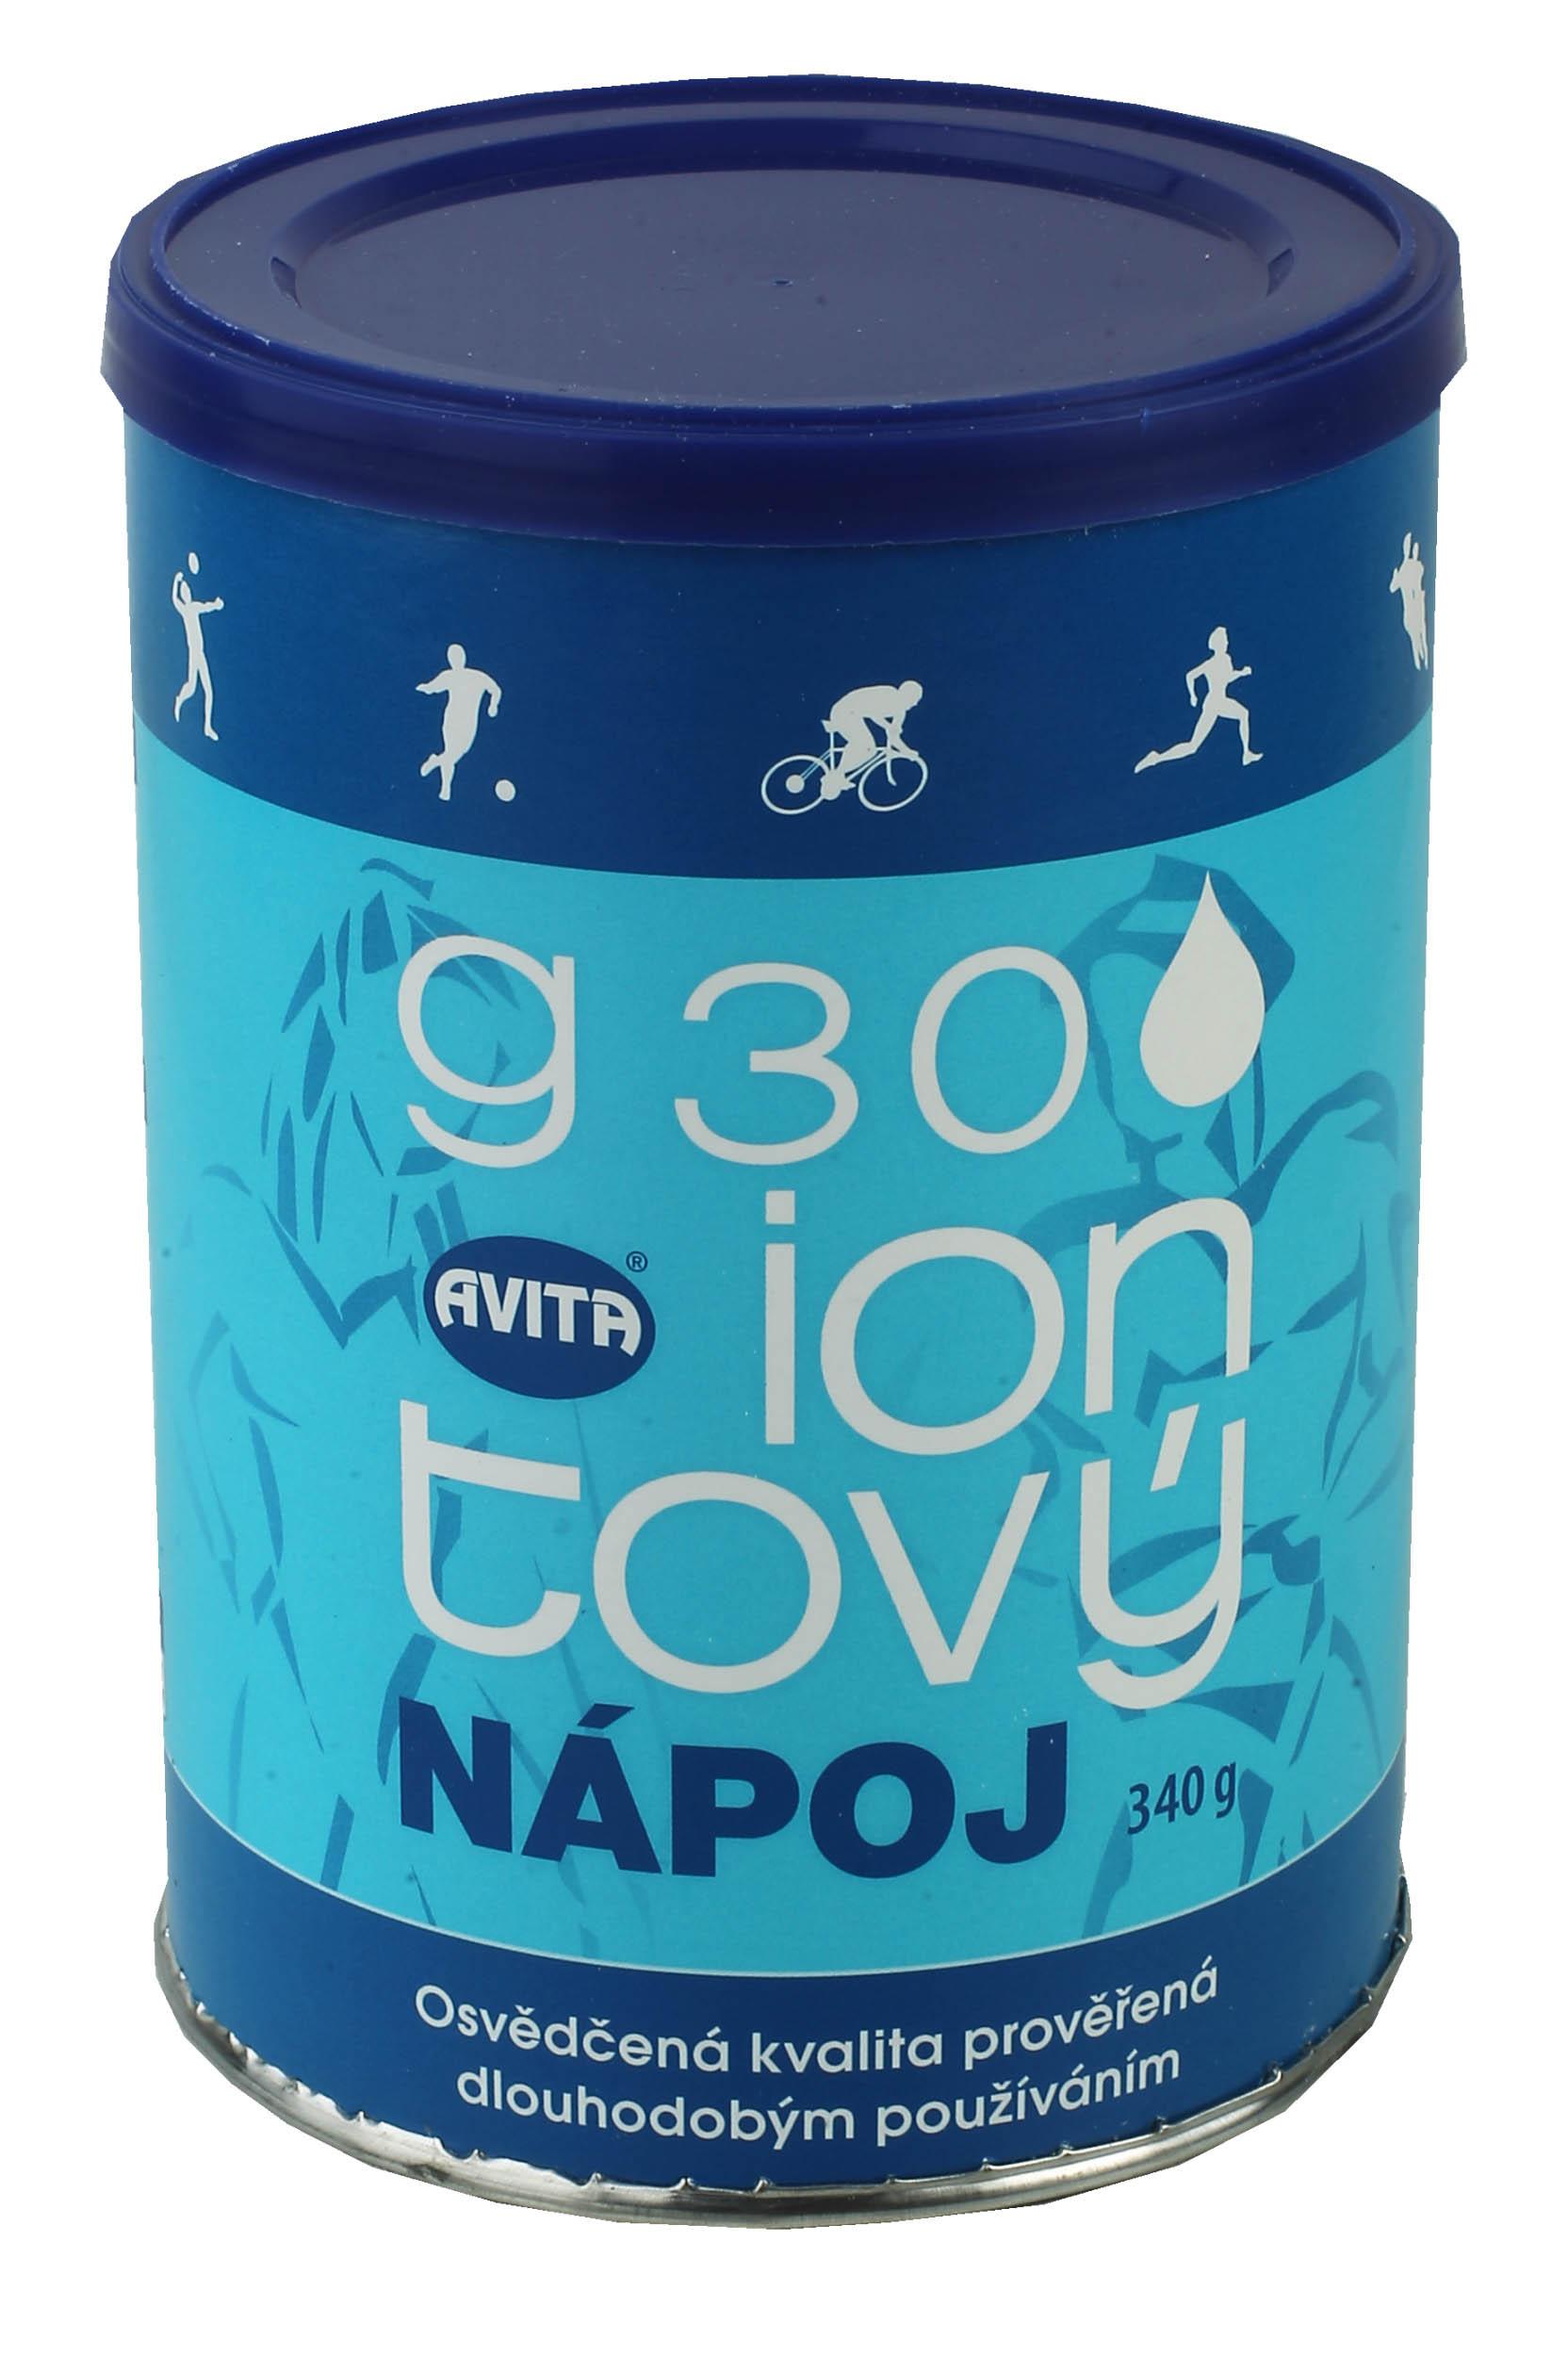 Iontový nápoj G30 dóza 340g bez lepku